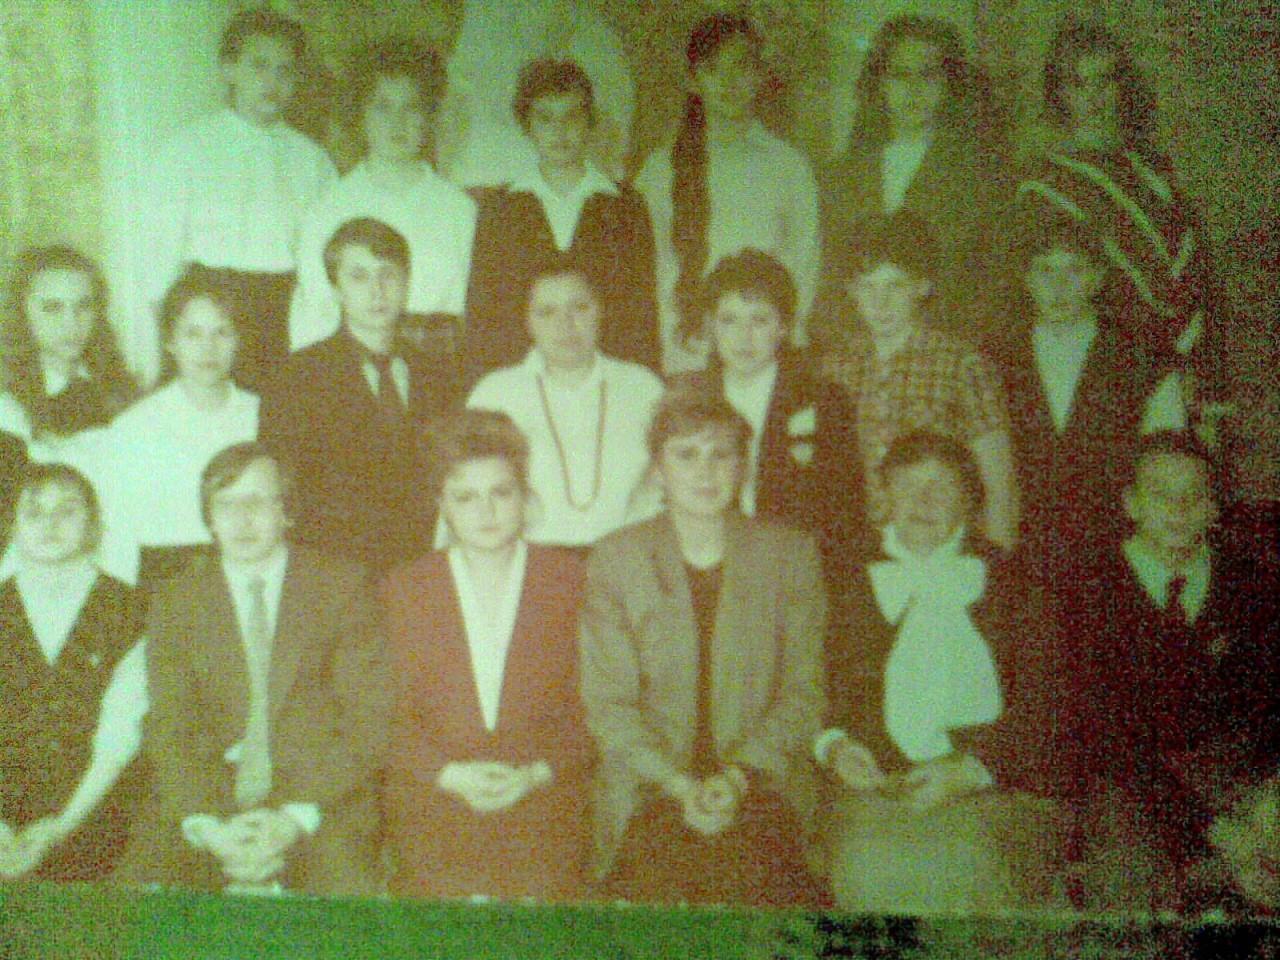 Лаврентьевская школа выпуск 1984 фото